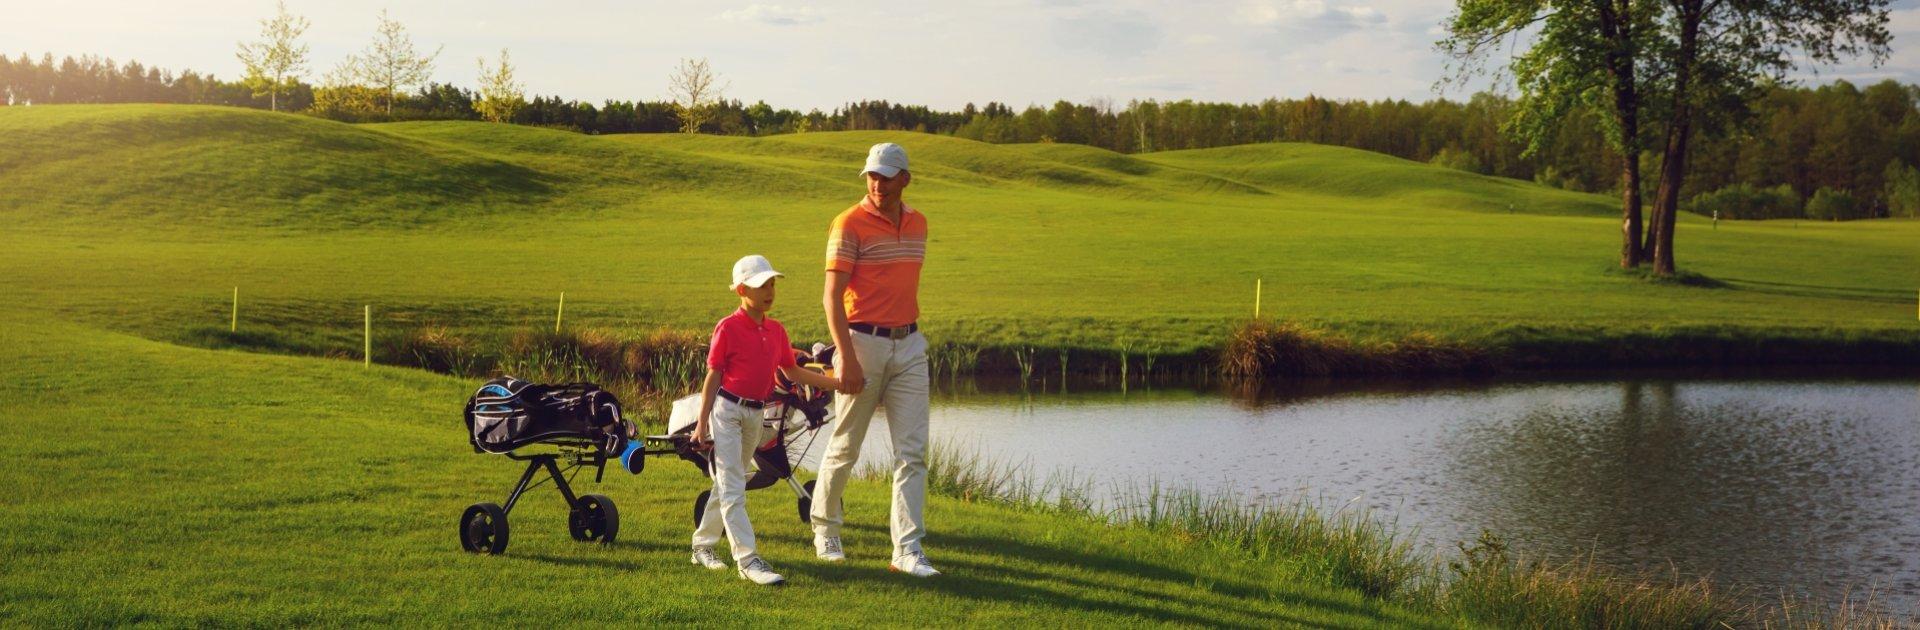 Golfurlaub mit Kindern